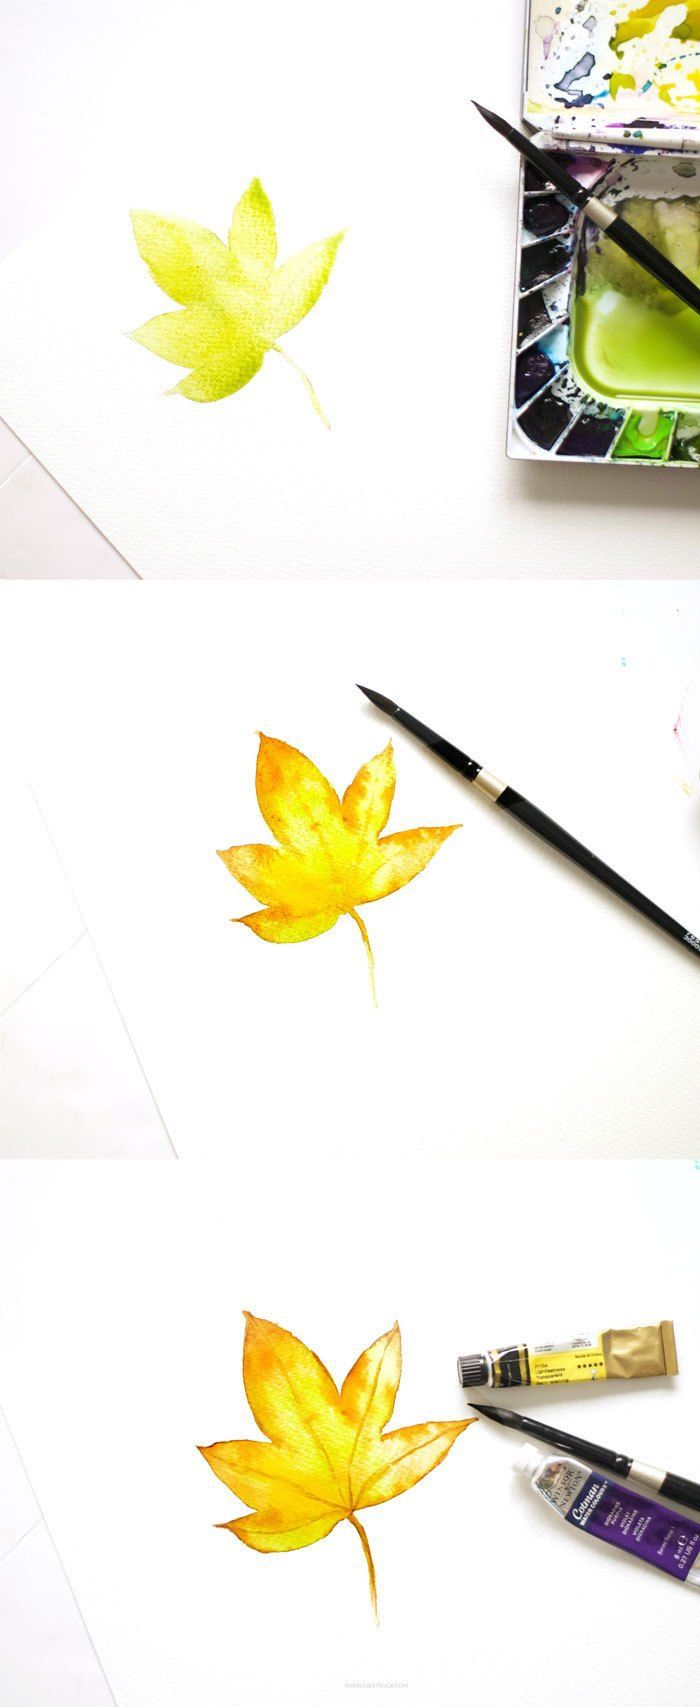 Apprendre à dessiner une feuille d'arbre automnal aquarelle, dessin feuille d'arbre, feuille d'automne dessin simple